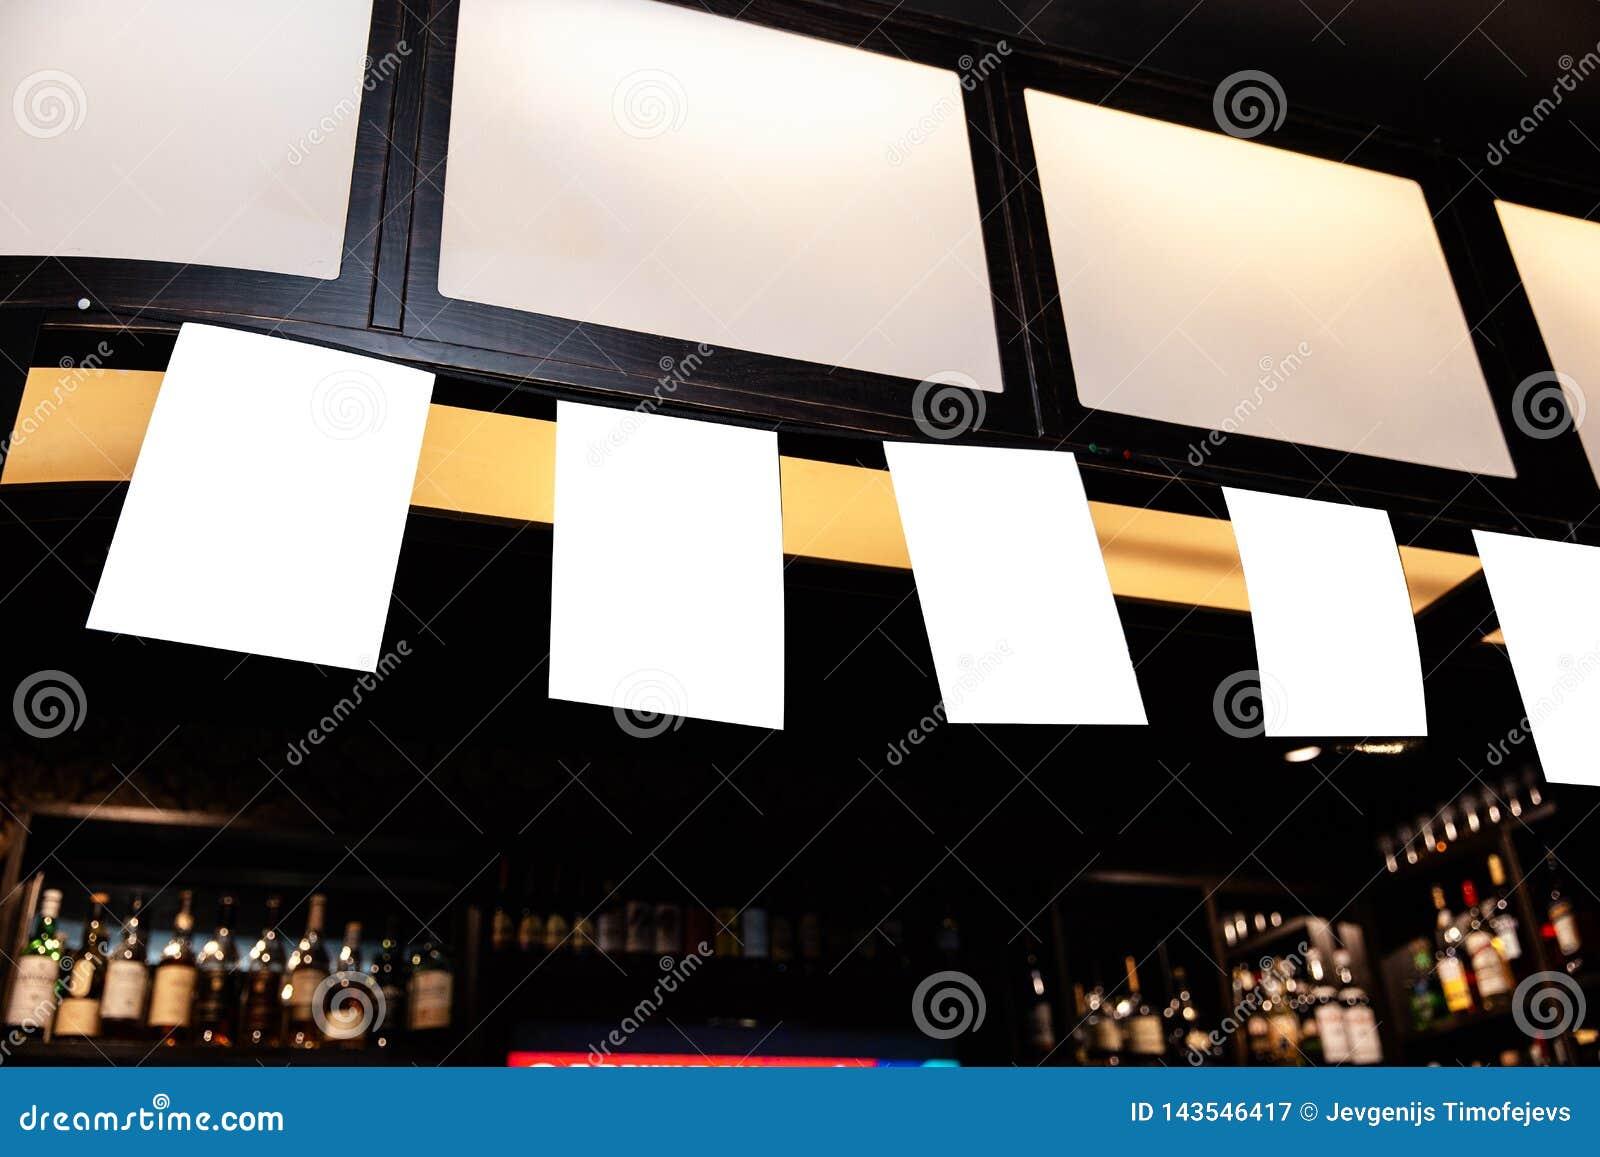 Κενή χλεύη αγγελιών επάνω στο πλαίσιο στο θολωμένο υπόβαθρο του φραγμού - κενό διάστημα για τη διαφήμιση